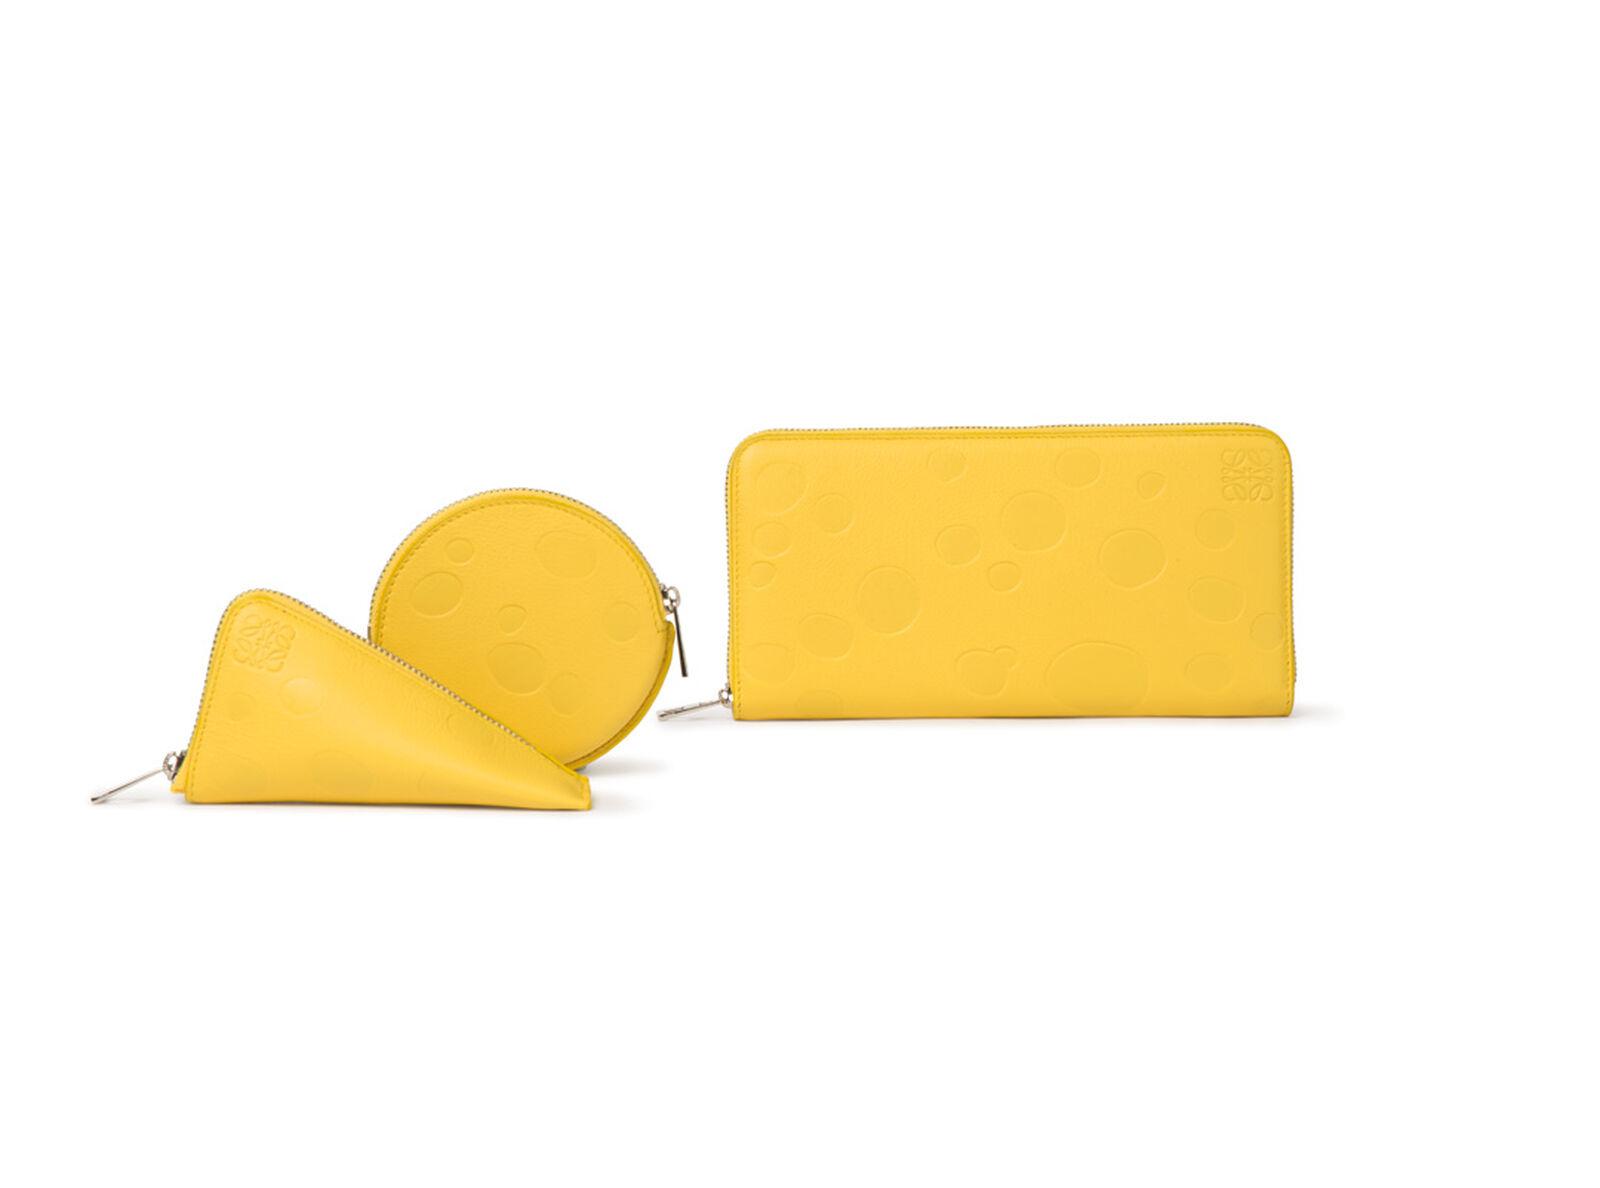 チーズ&アナグラム エンボスデザインをあしらった、イエロー カーフスキン製小物